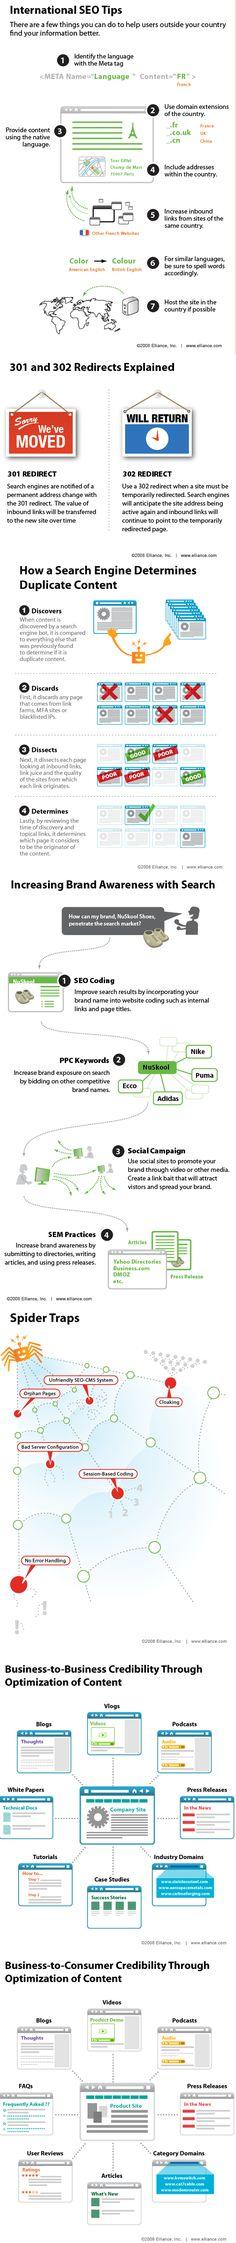 Tip de SEO Internacional. Infografía en inglés